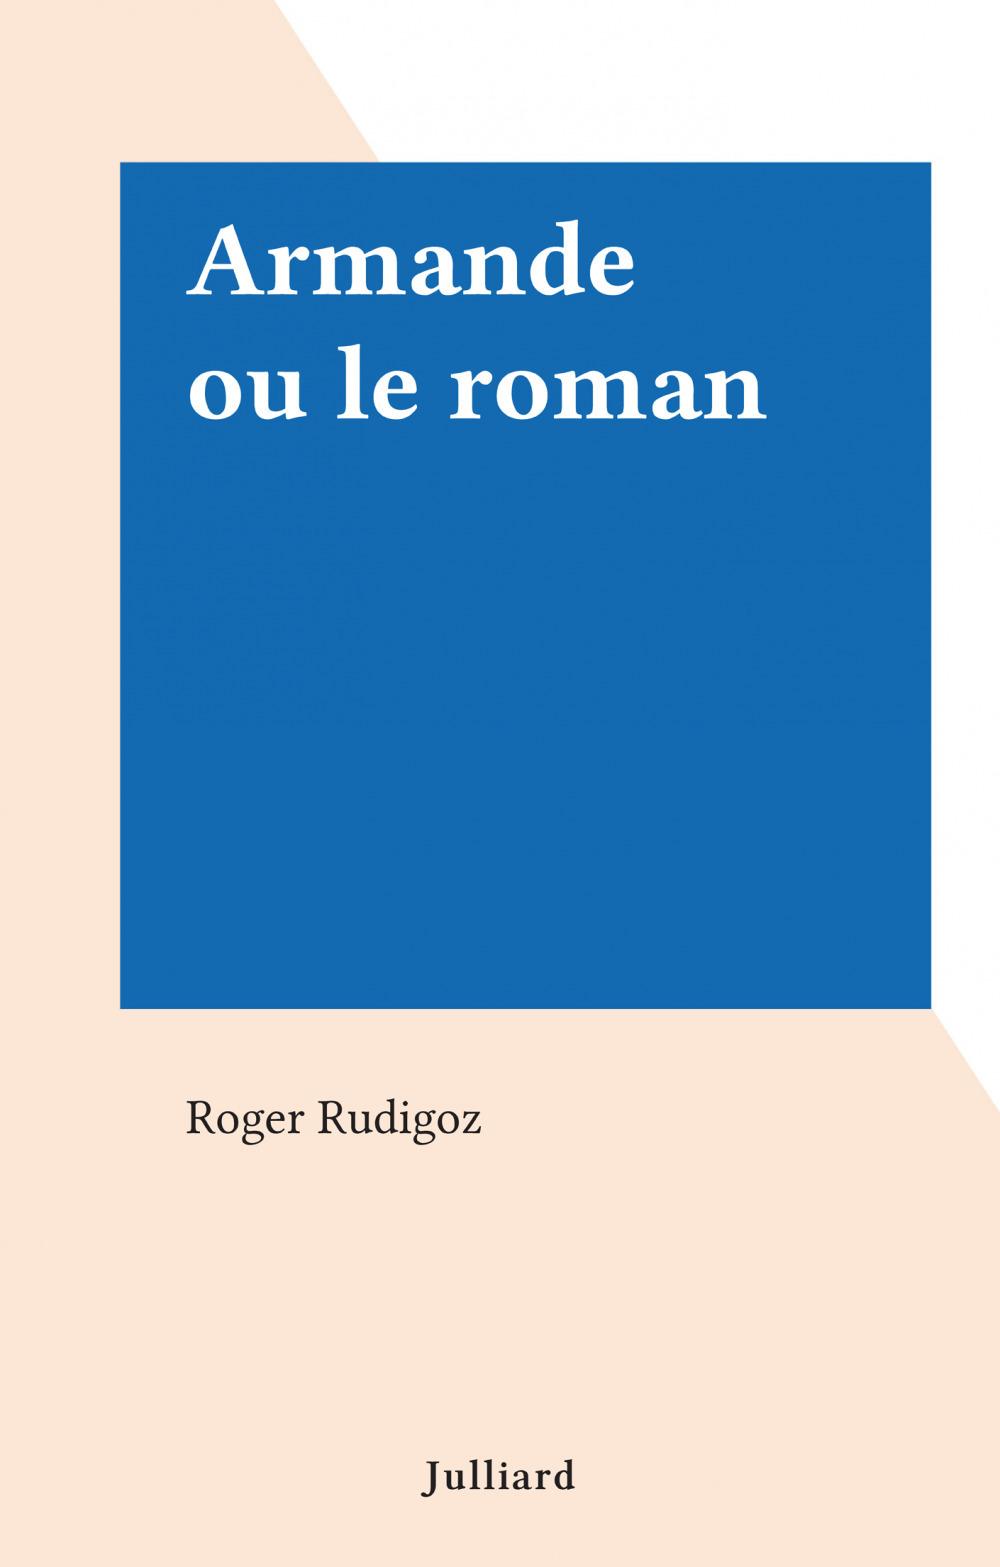 Armande ou le roman  - Roger Rudigoz